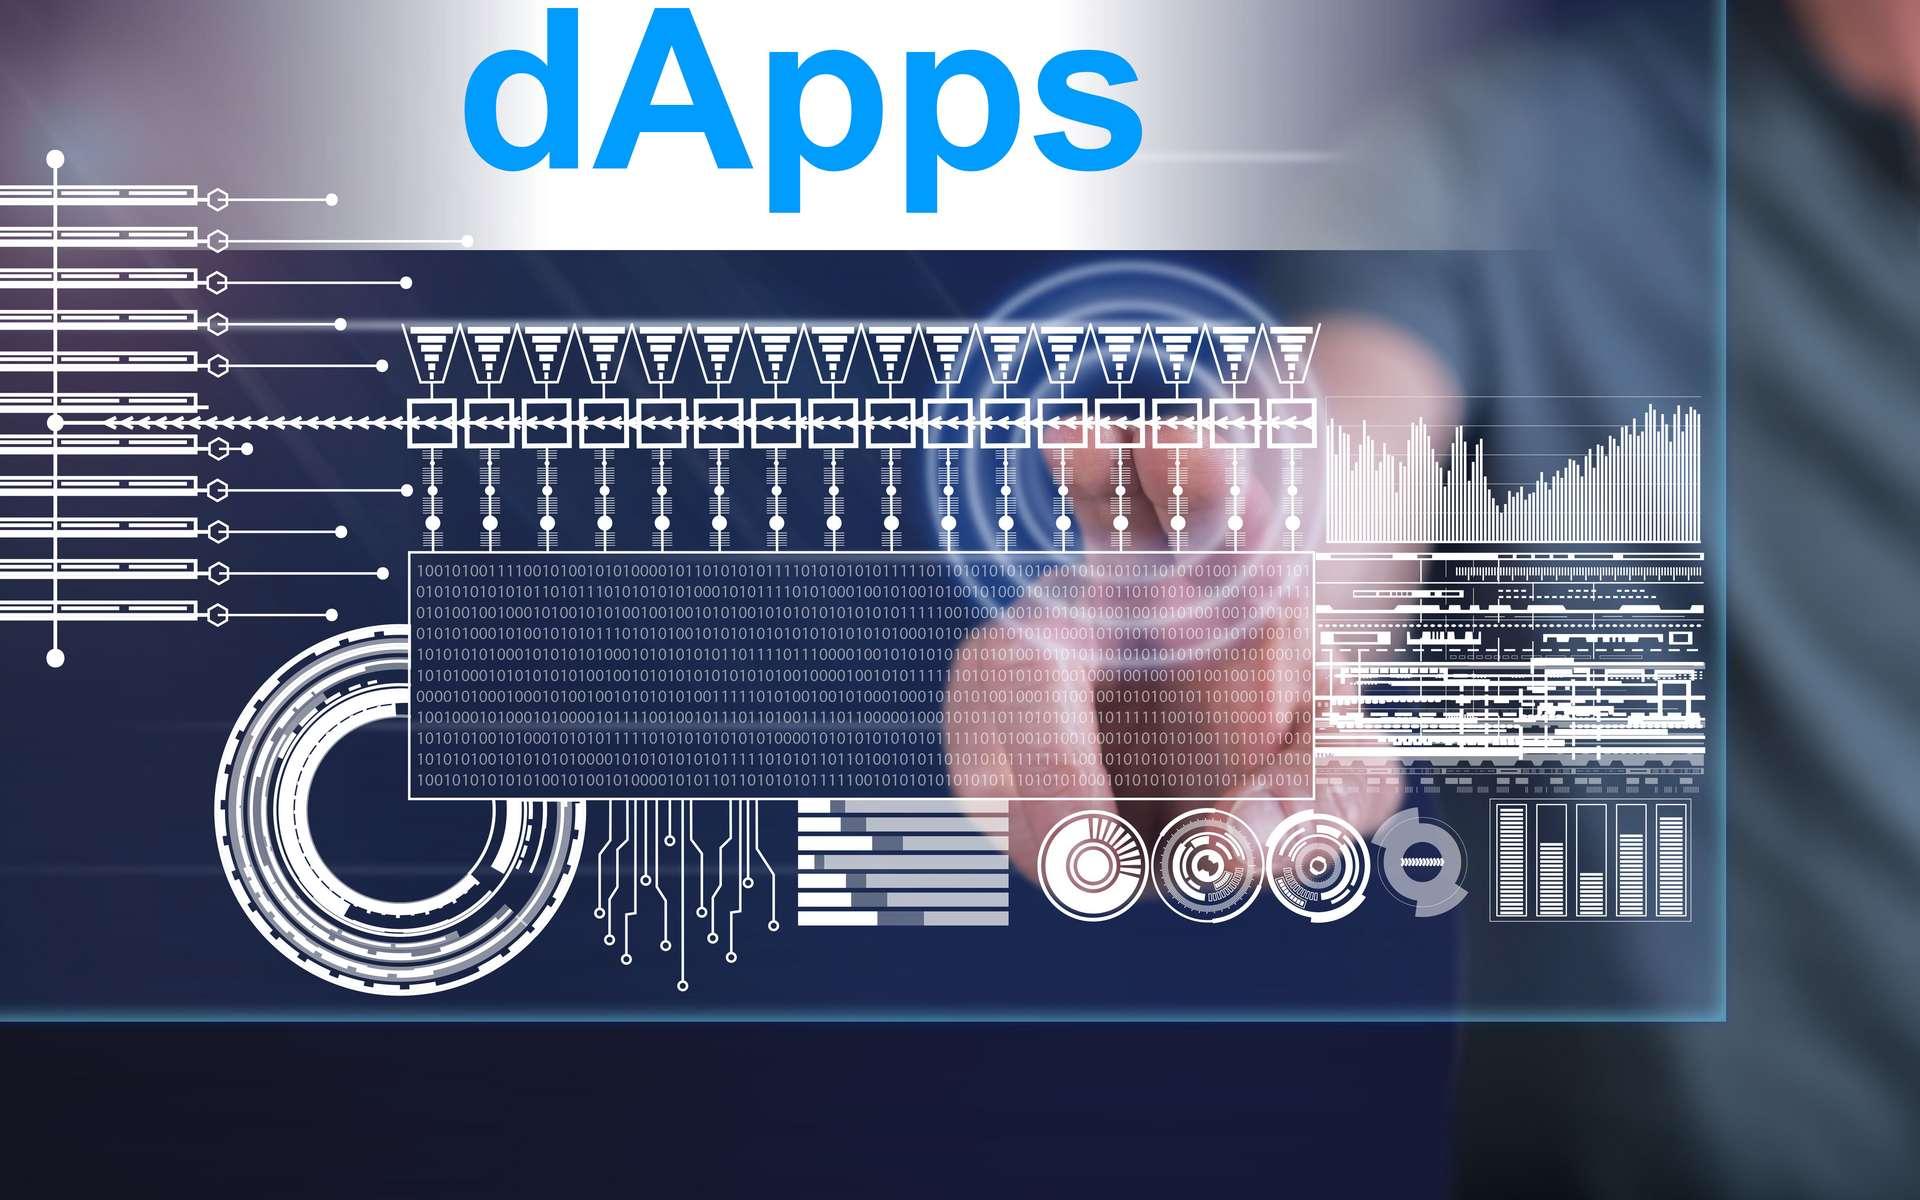 Les applications décentralisées sont aussi appelées DApps. © Thodonal, Adobe Stock